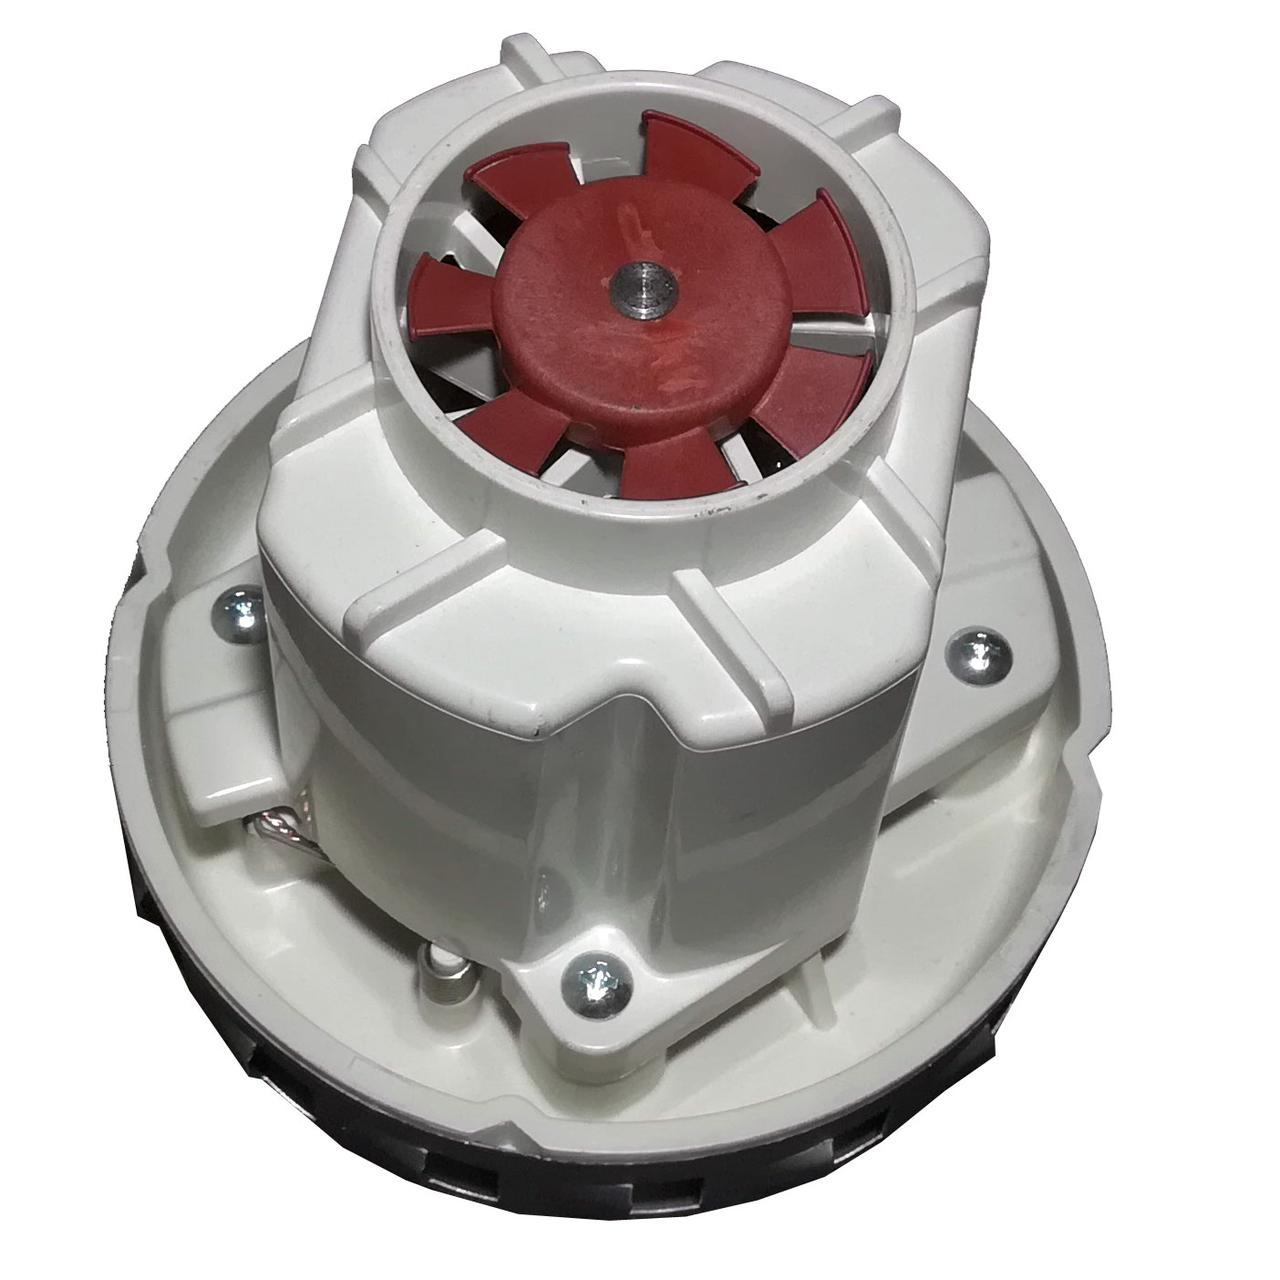 Двигатель, мотор для моющего пылесоса Зелмер (H = 128 mm, D = 131 mm)